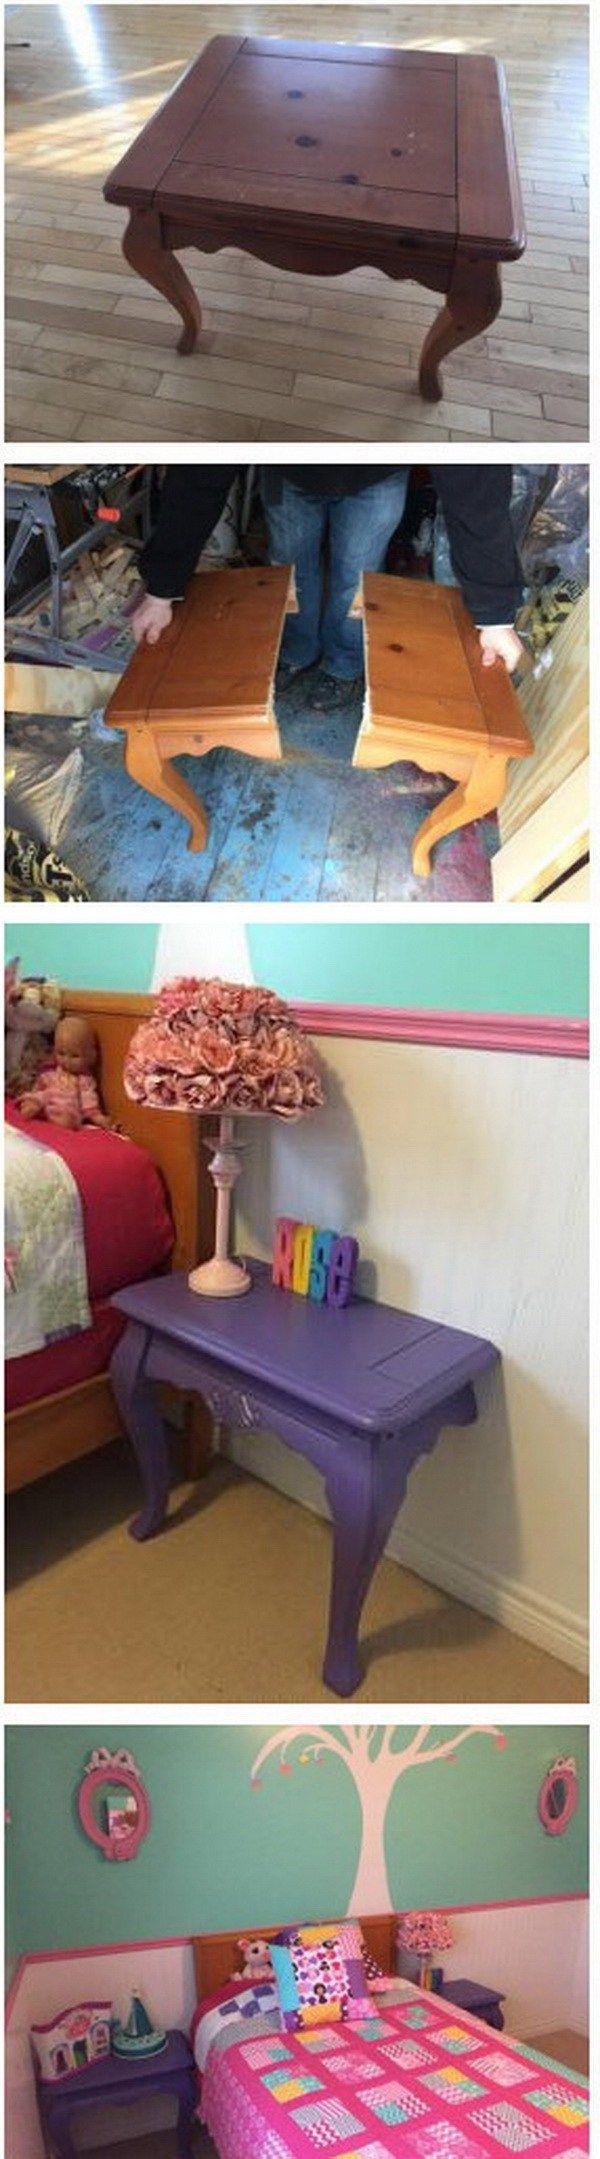 51 do it yourself m bel hacks zum nachmachen diy pinterest muebles muebles caseros und. Black Bedroom Furniture Sets. Home Design Ideas